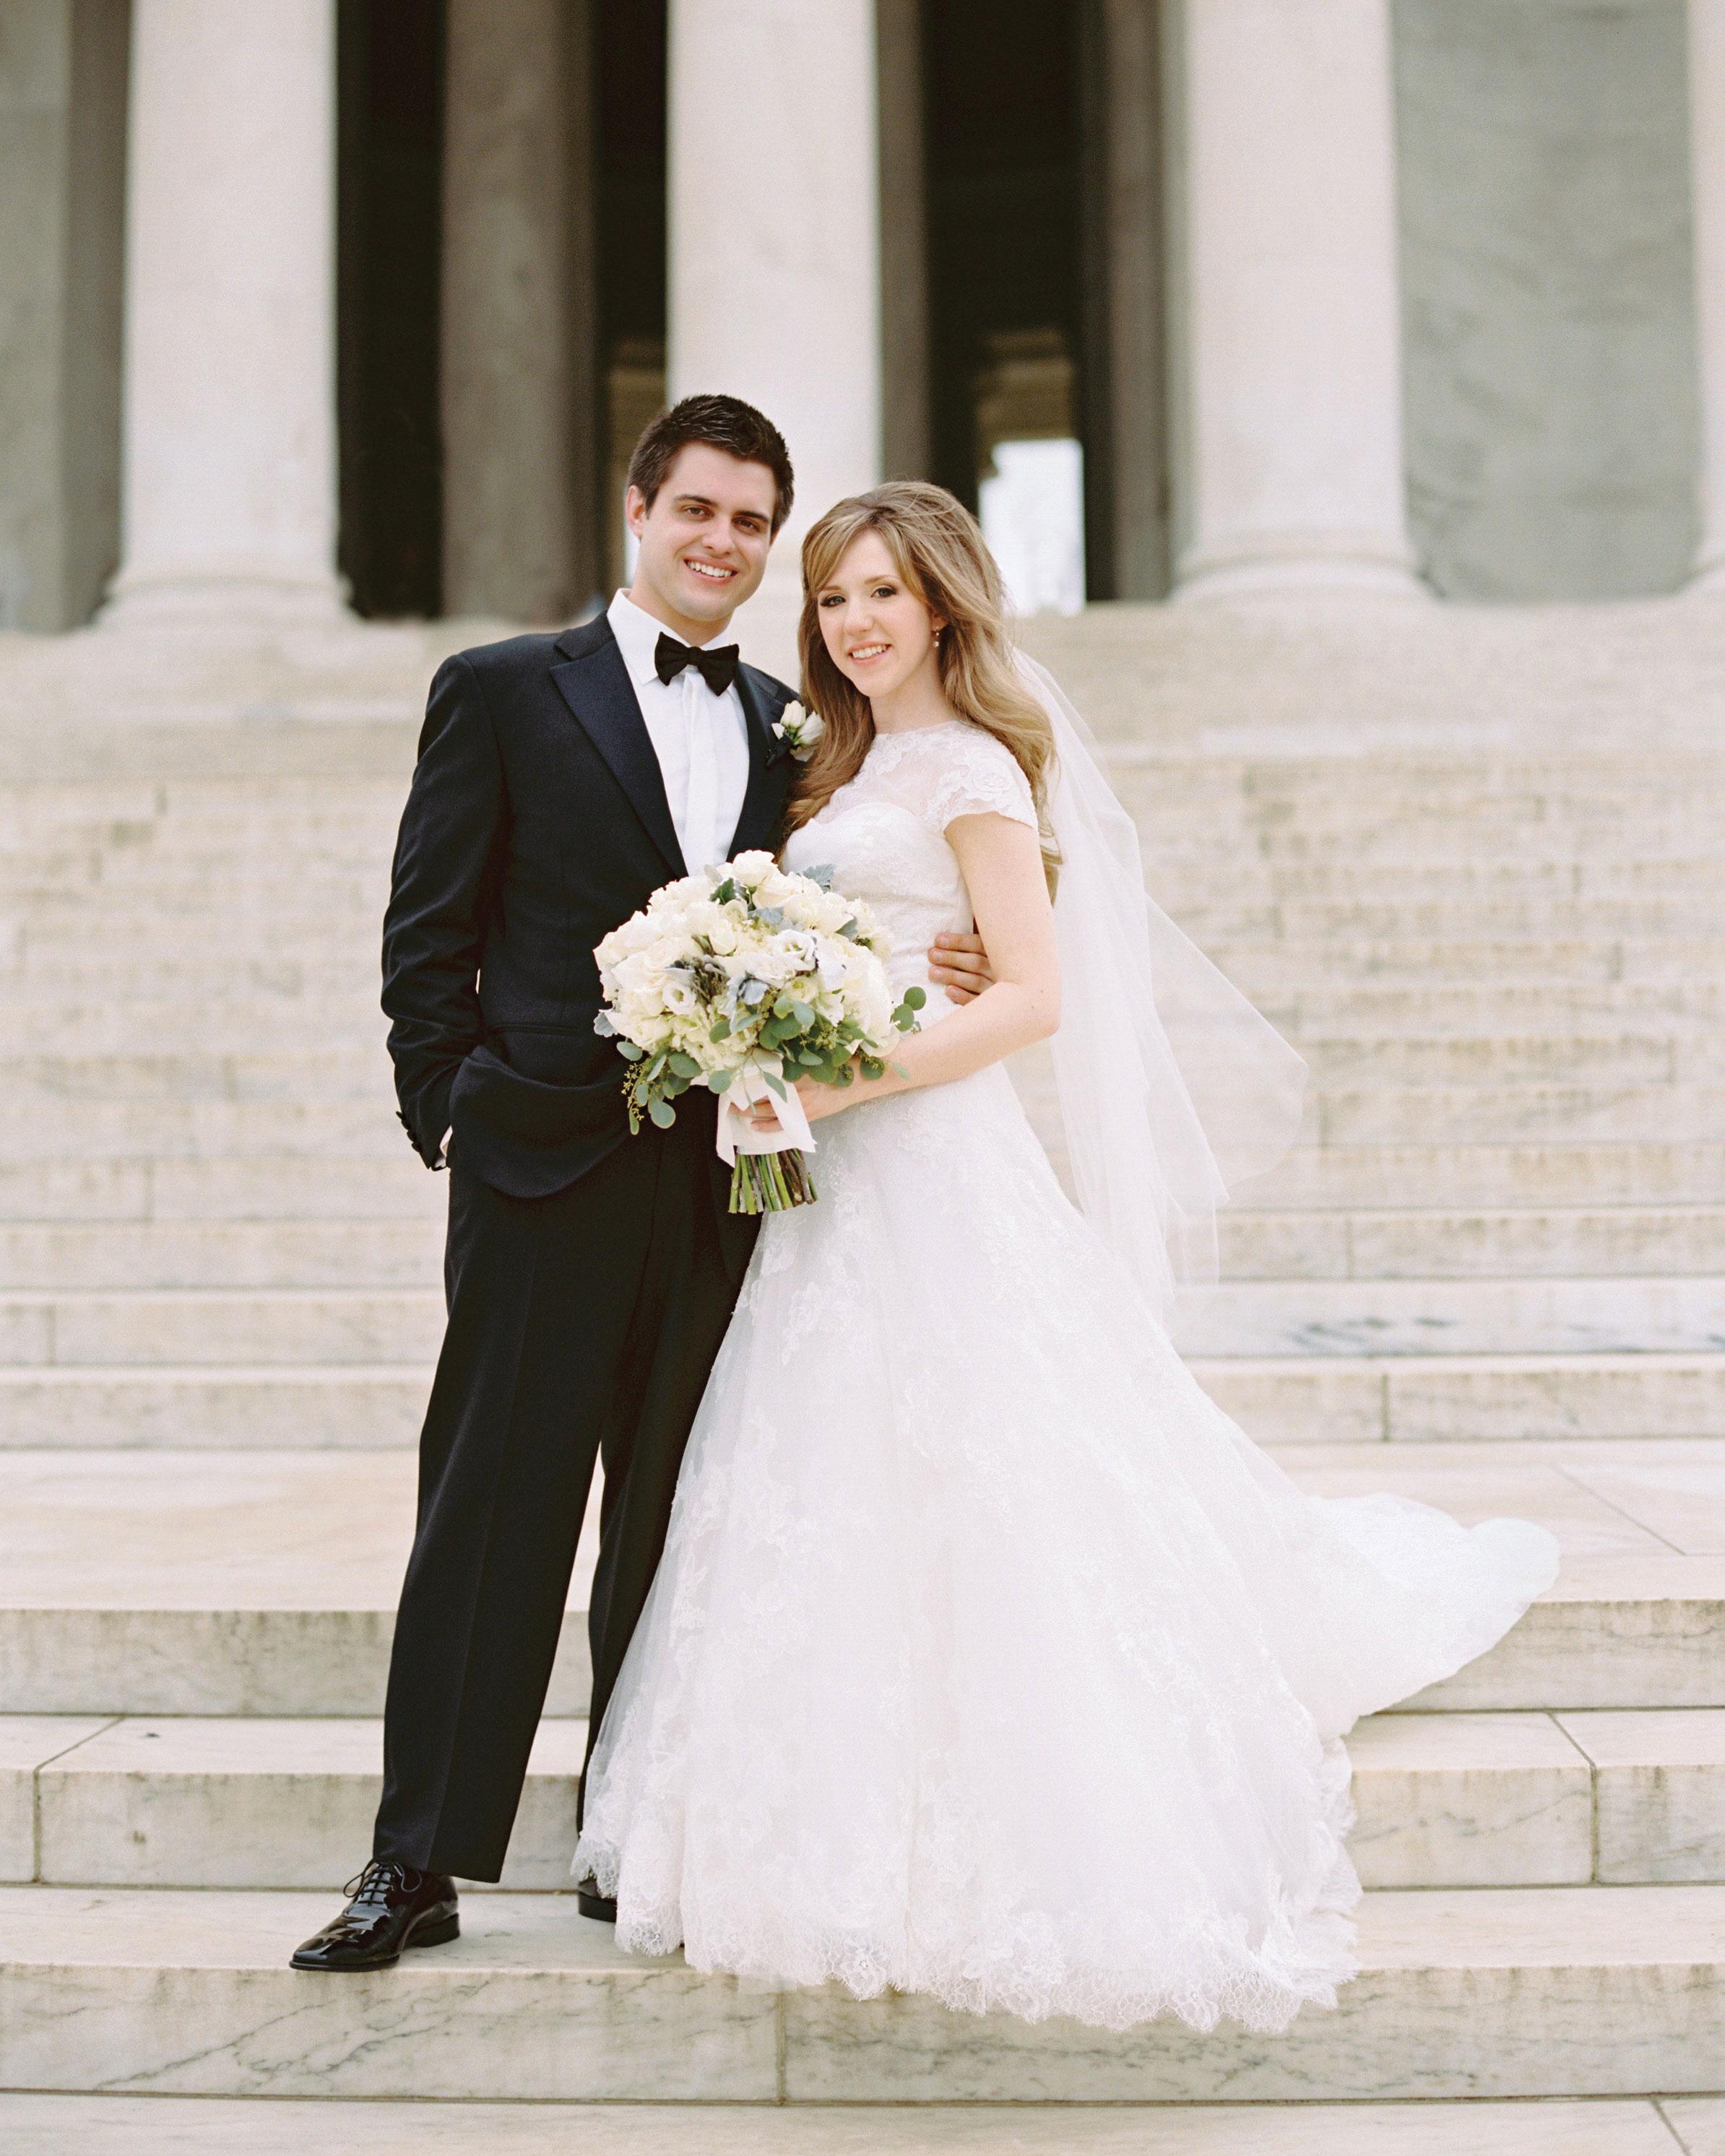 elizabeth-cody-real-wedding-portrait-parisian-inspired.jpg